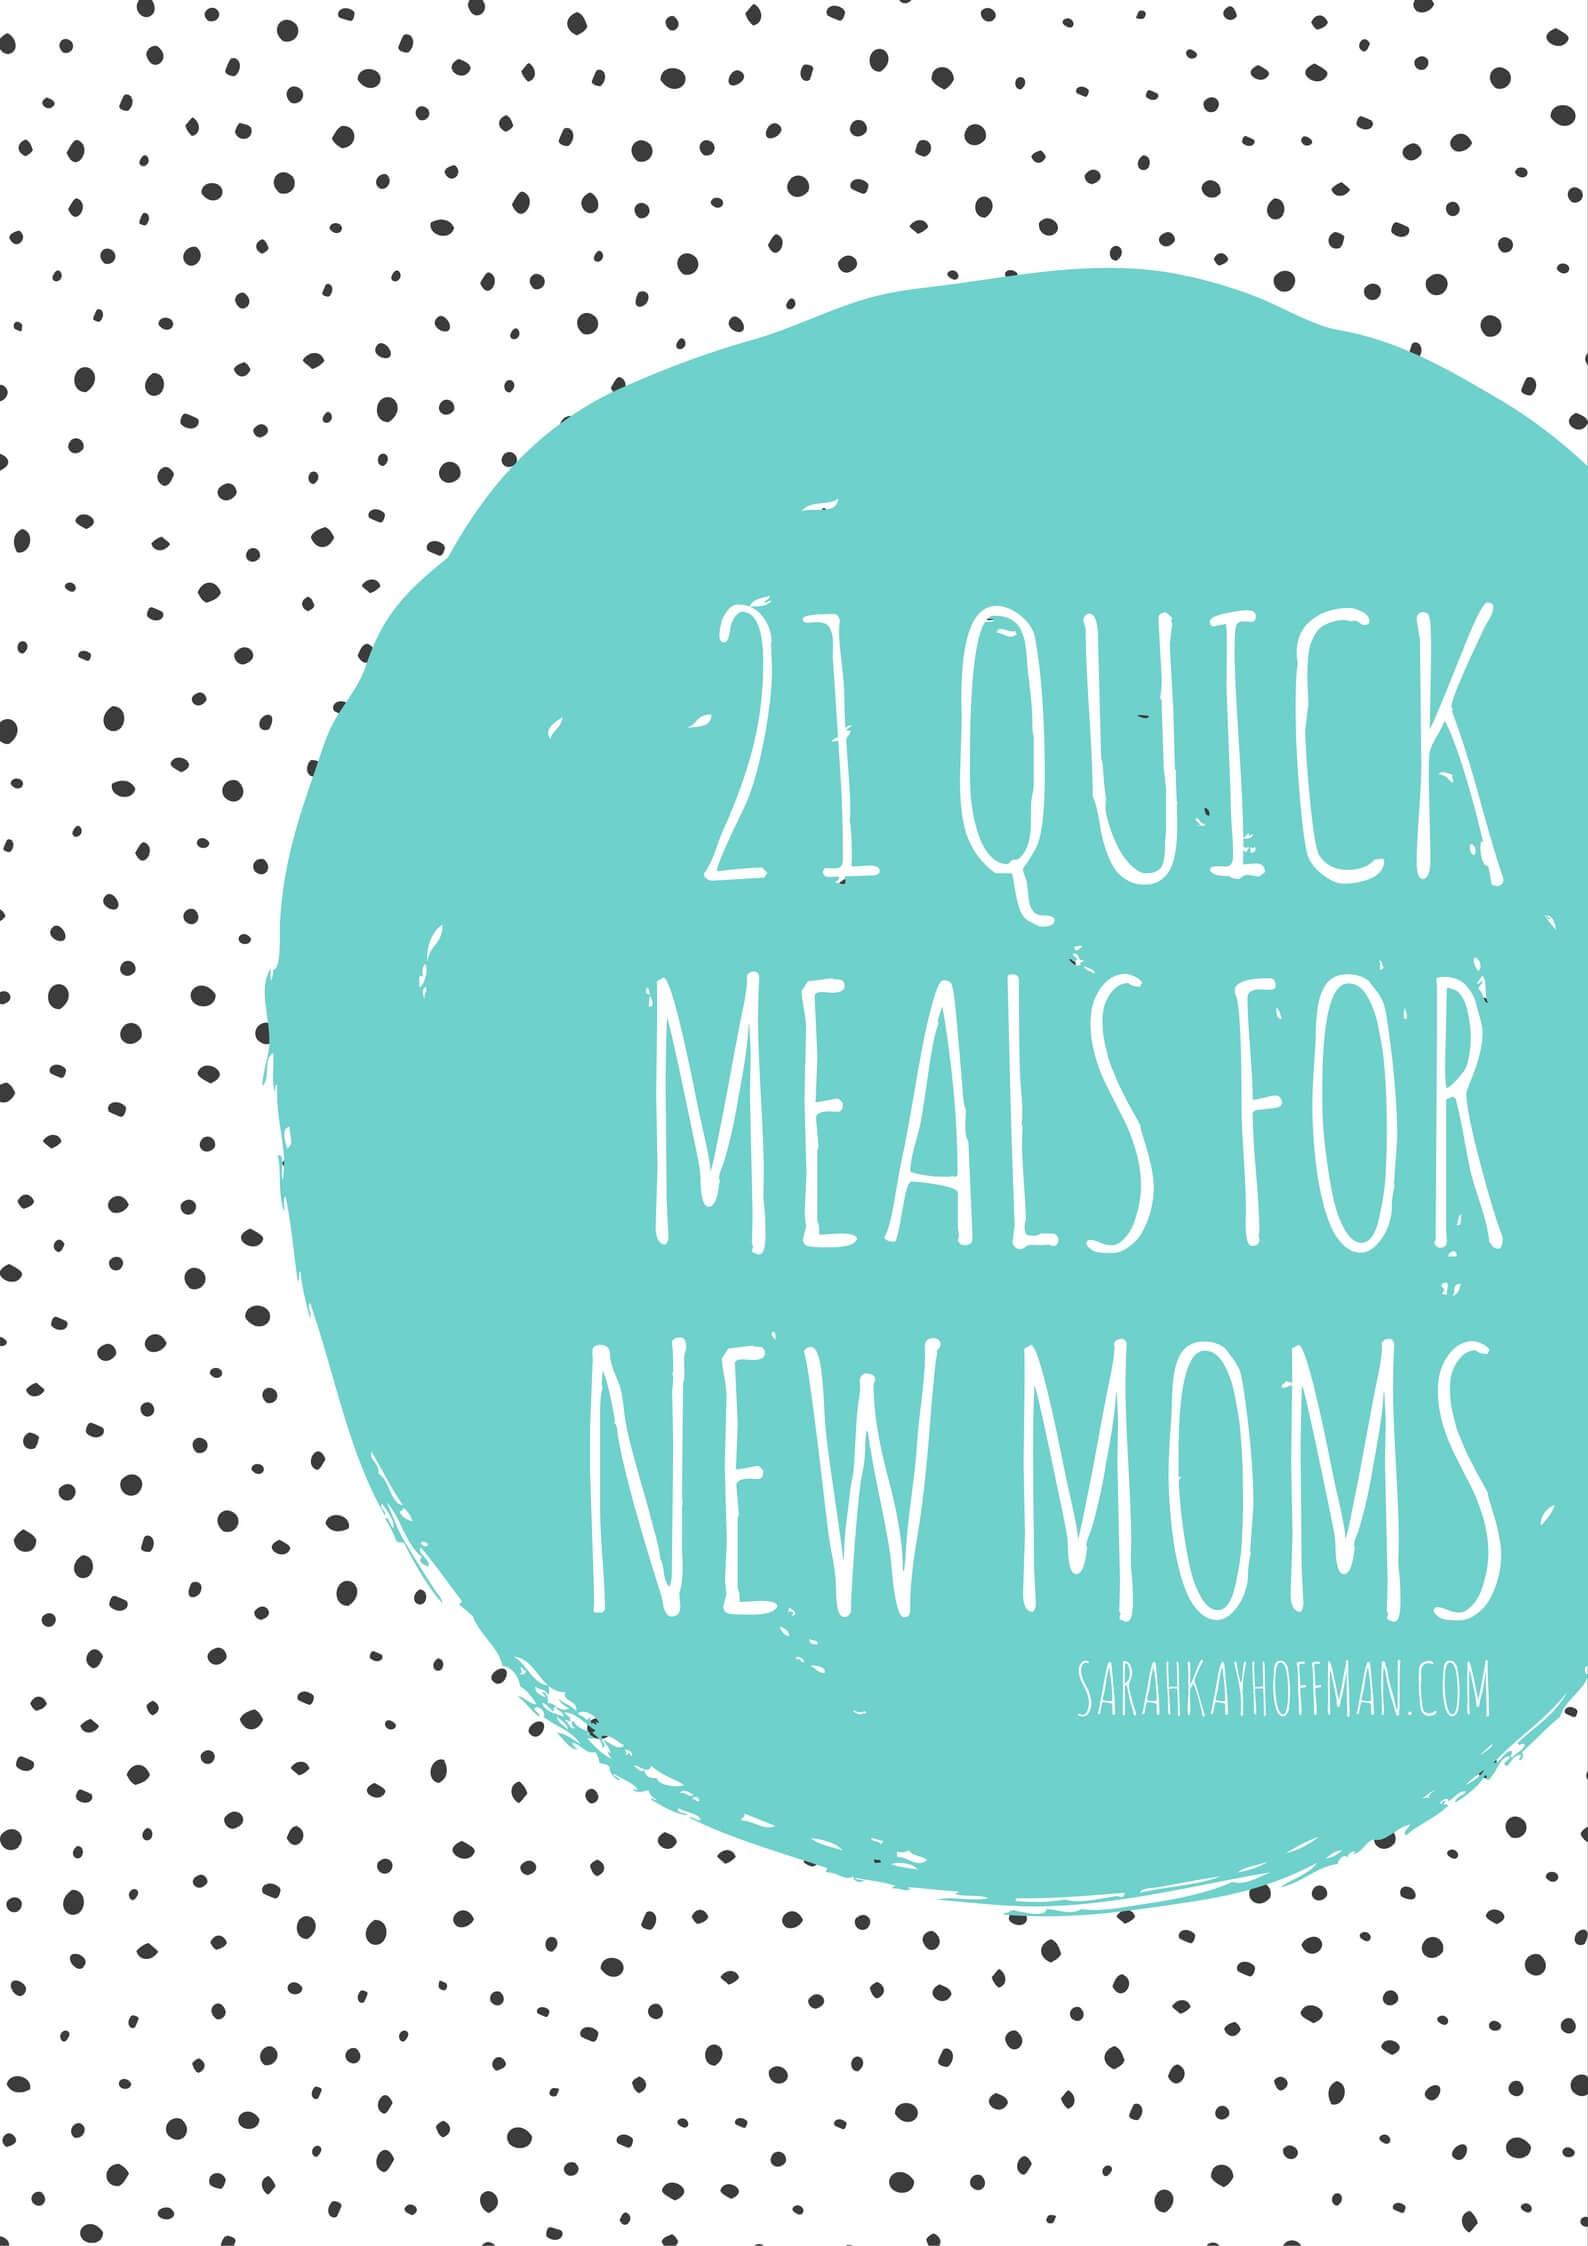 21 Quick Meals for New Moms sarahkayhoffman.com Organic Recipes